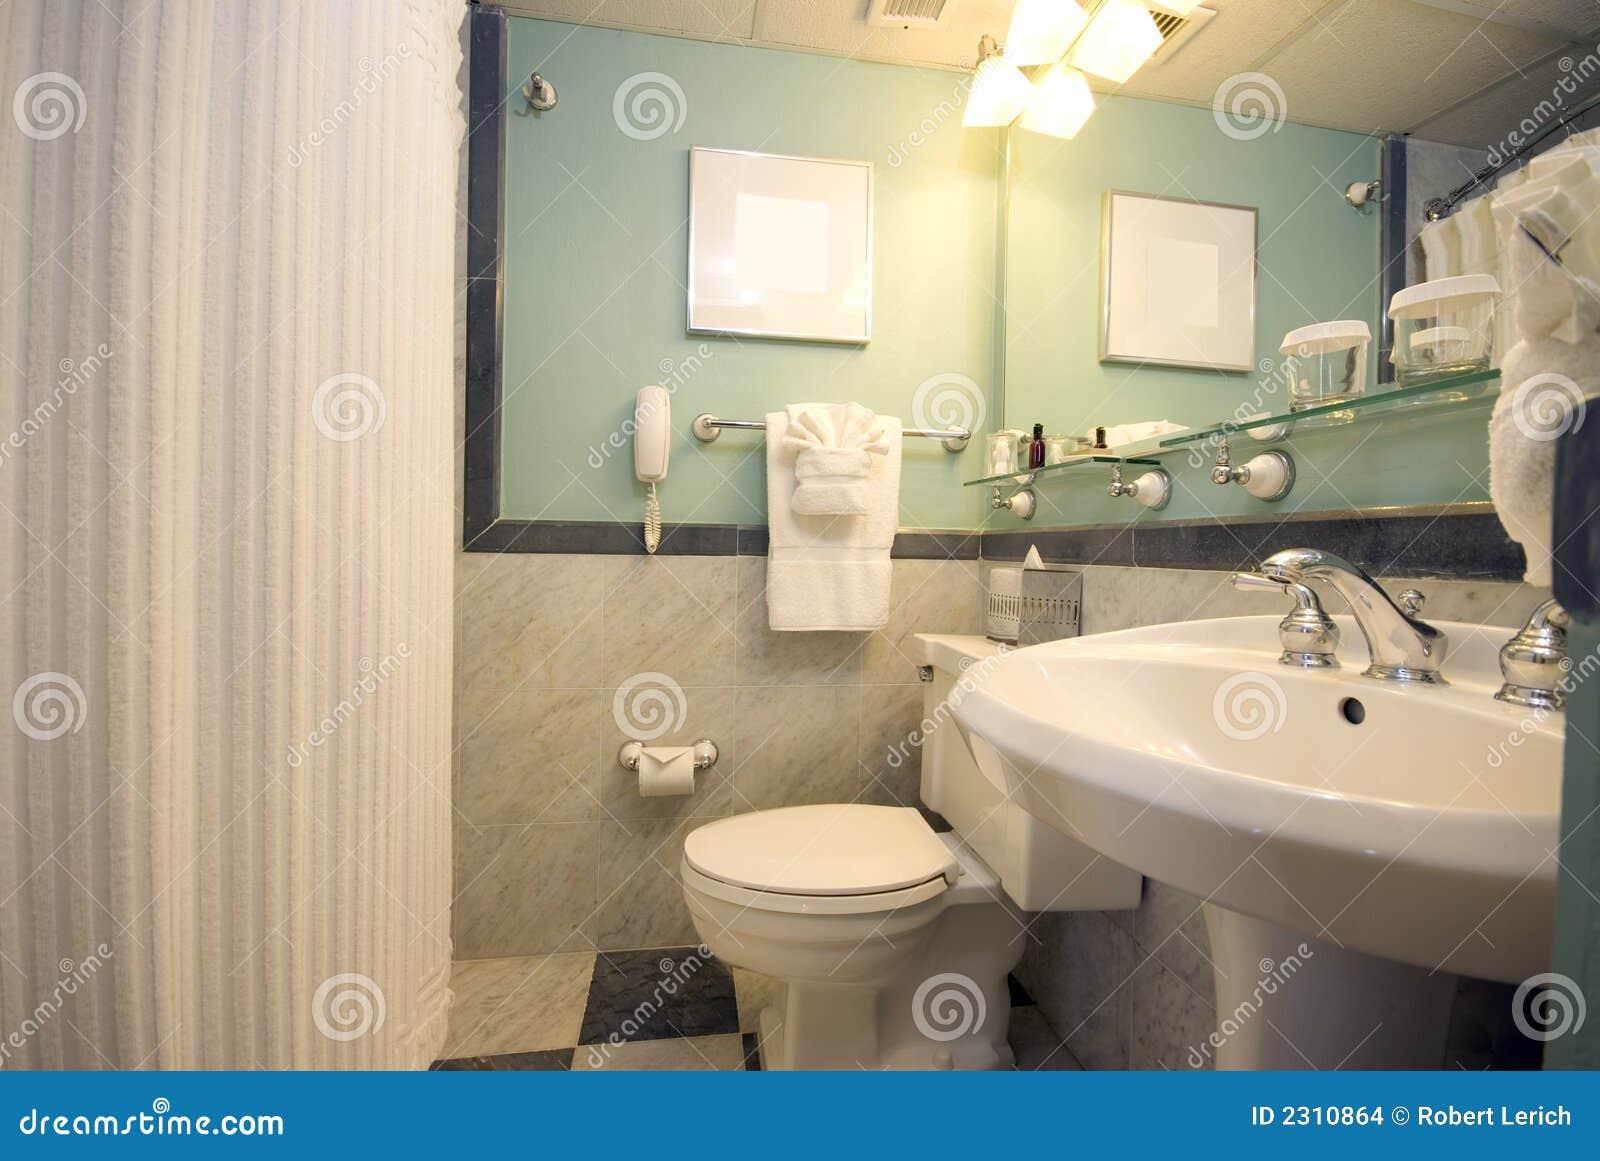 Banheiro Do Hotel De Luxo Imagens de Stock Imagem: 2310864 #82A328 1300x960 Banheiro Container De Luxo